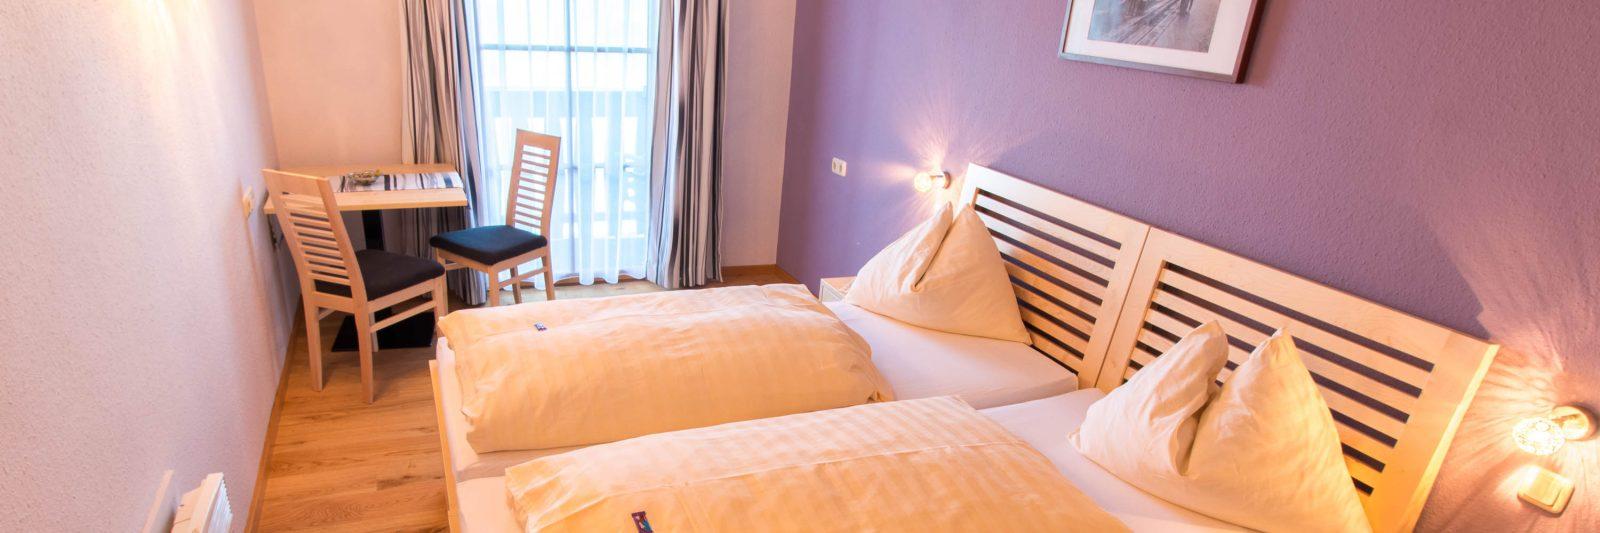 Schafbergspitze Hotel Rooms